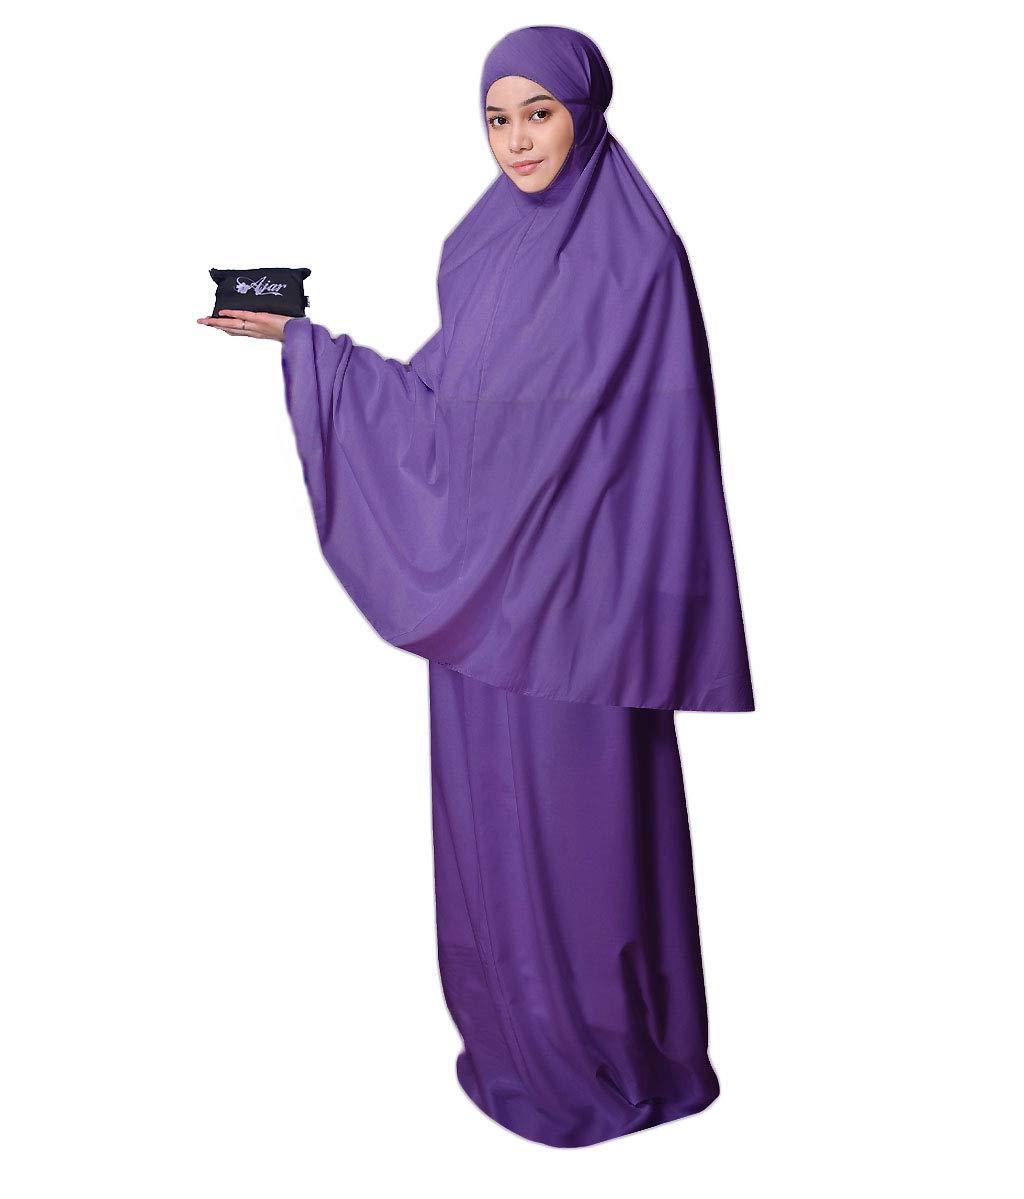 Muslim Women's Prayer Dress Pocket-Size Hijab Scarf Skirt Islamic Abaya by AJAR